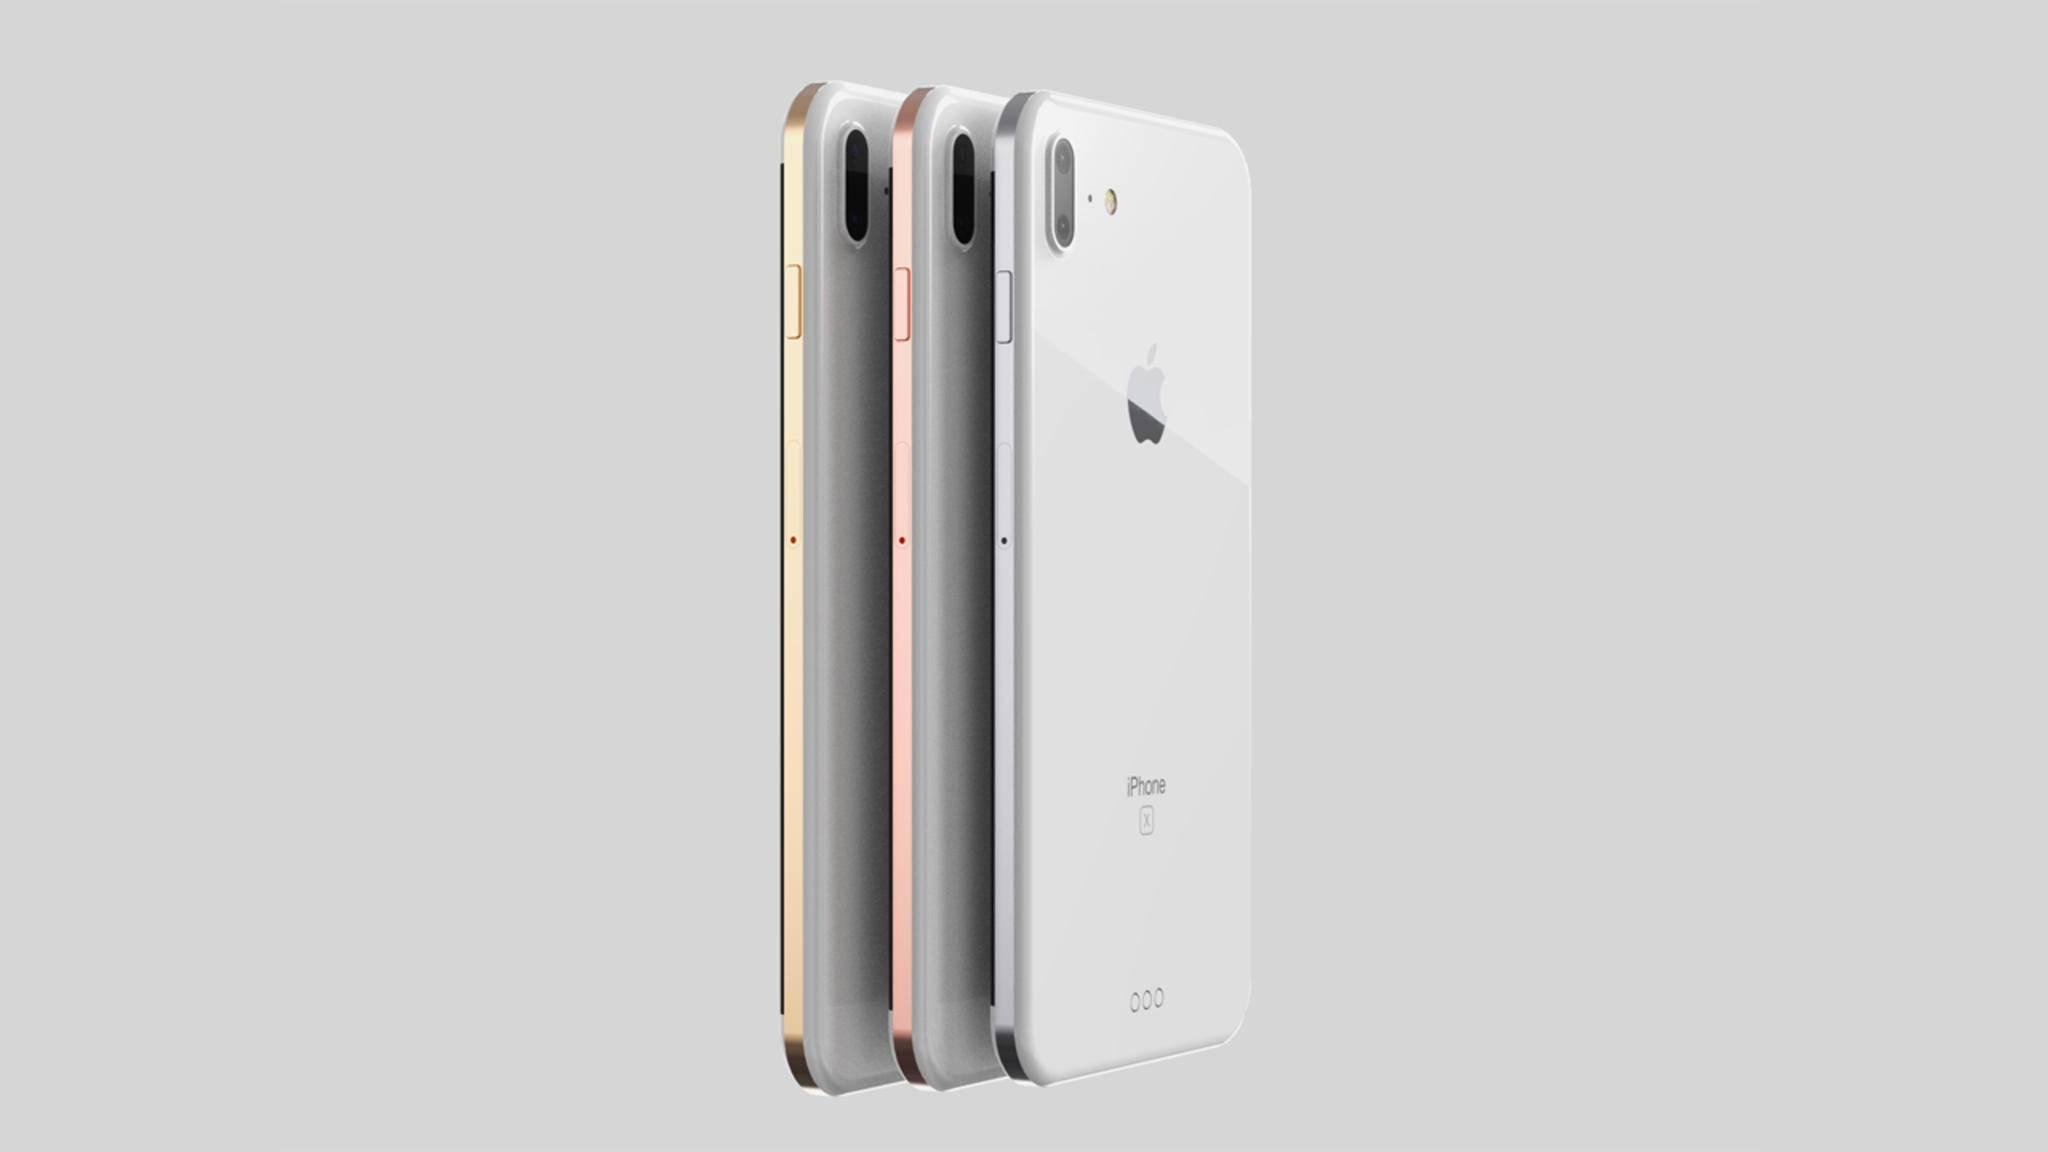 Das iPhone 8 soll einige neue Features wie Wireless Charging oder einen OLED-Screen bieten.